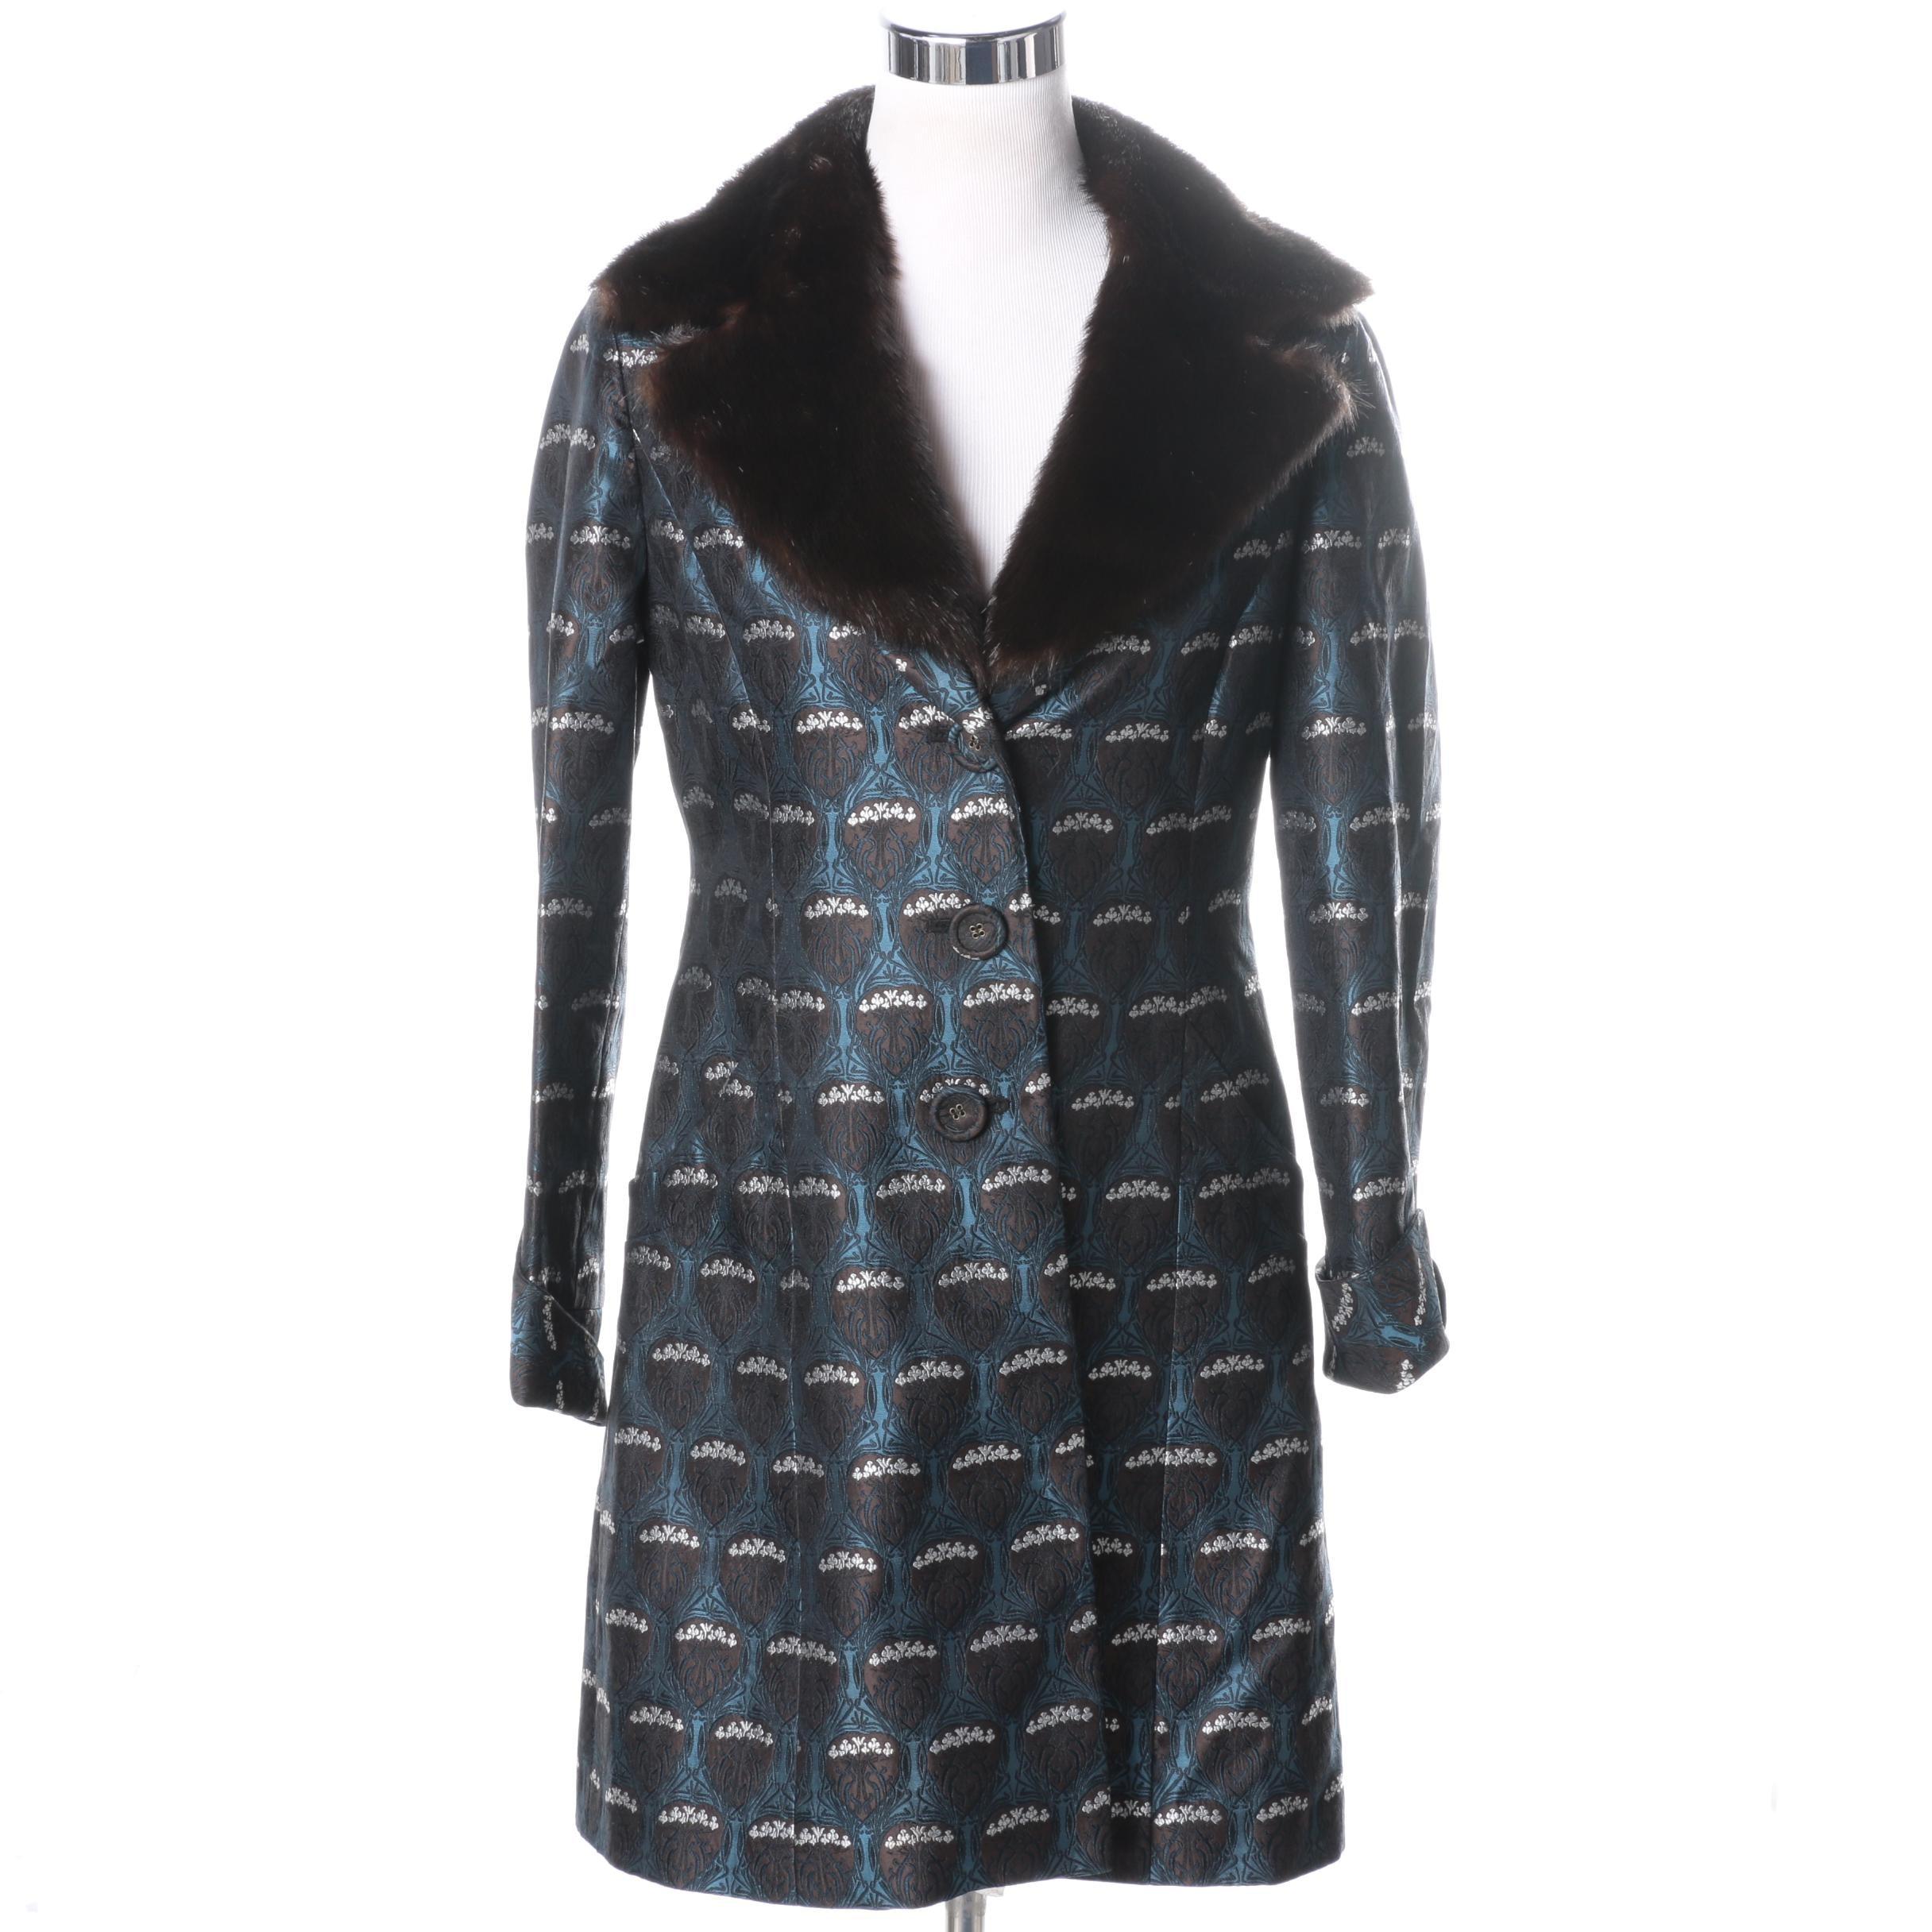 Nine West Silk Blend Dress Coat with Removable Mink Fur Trim